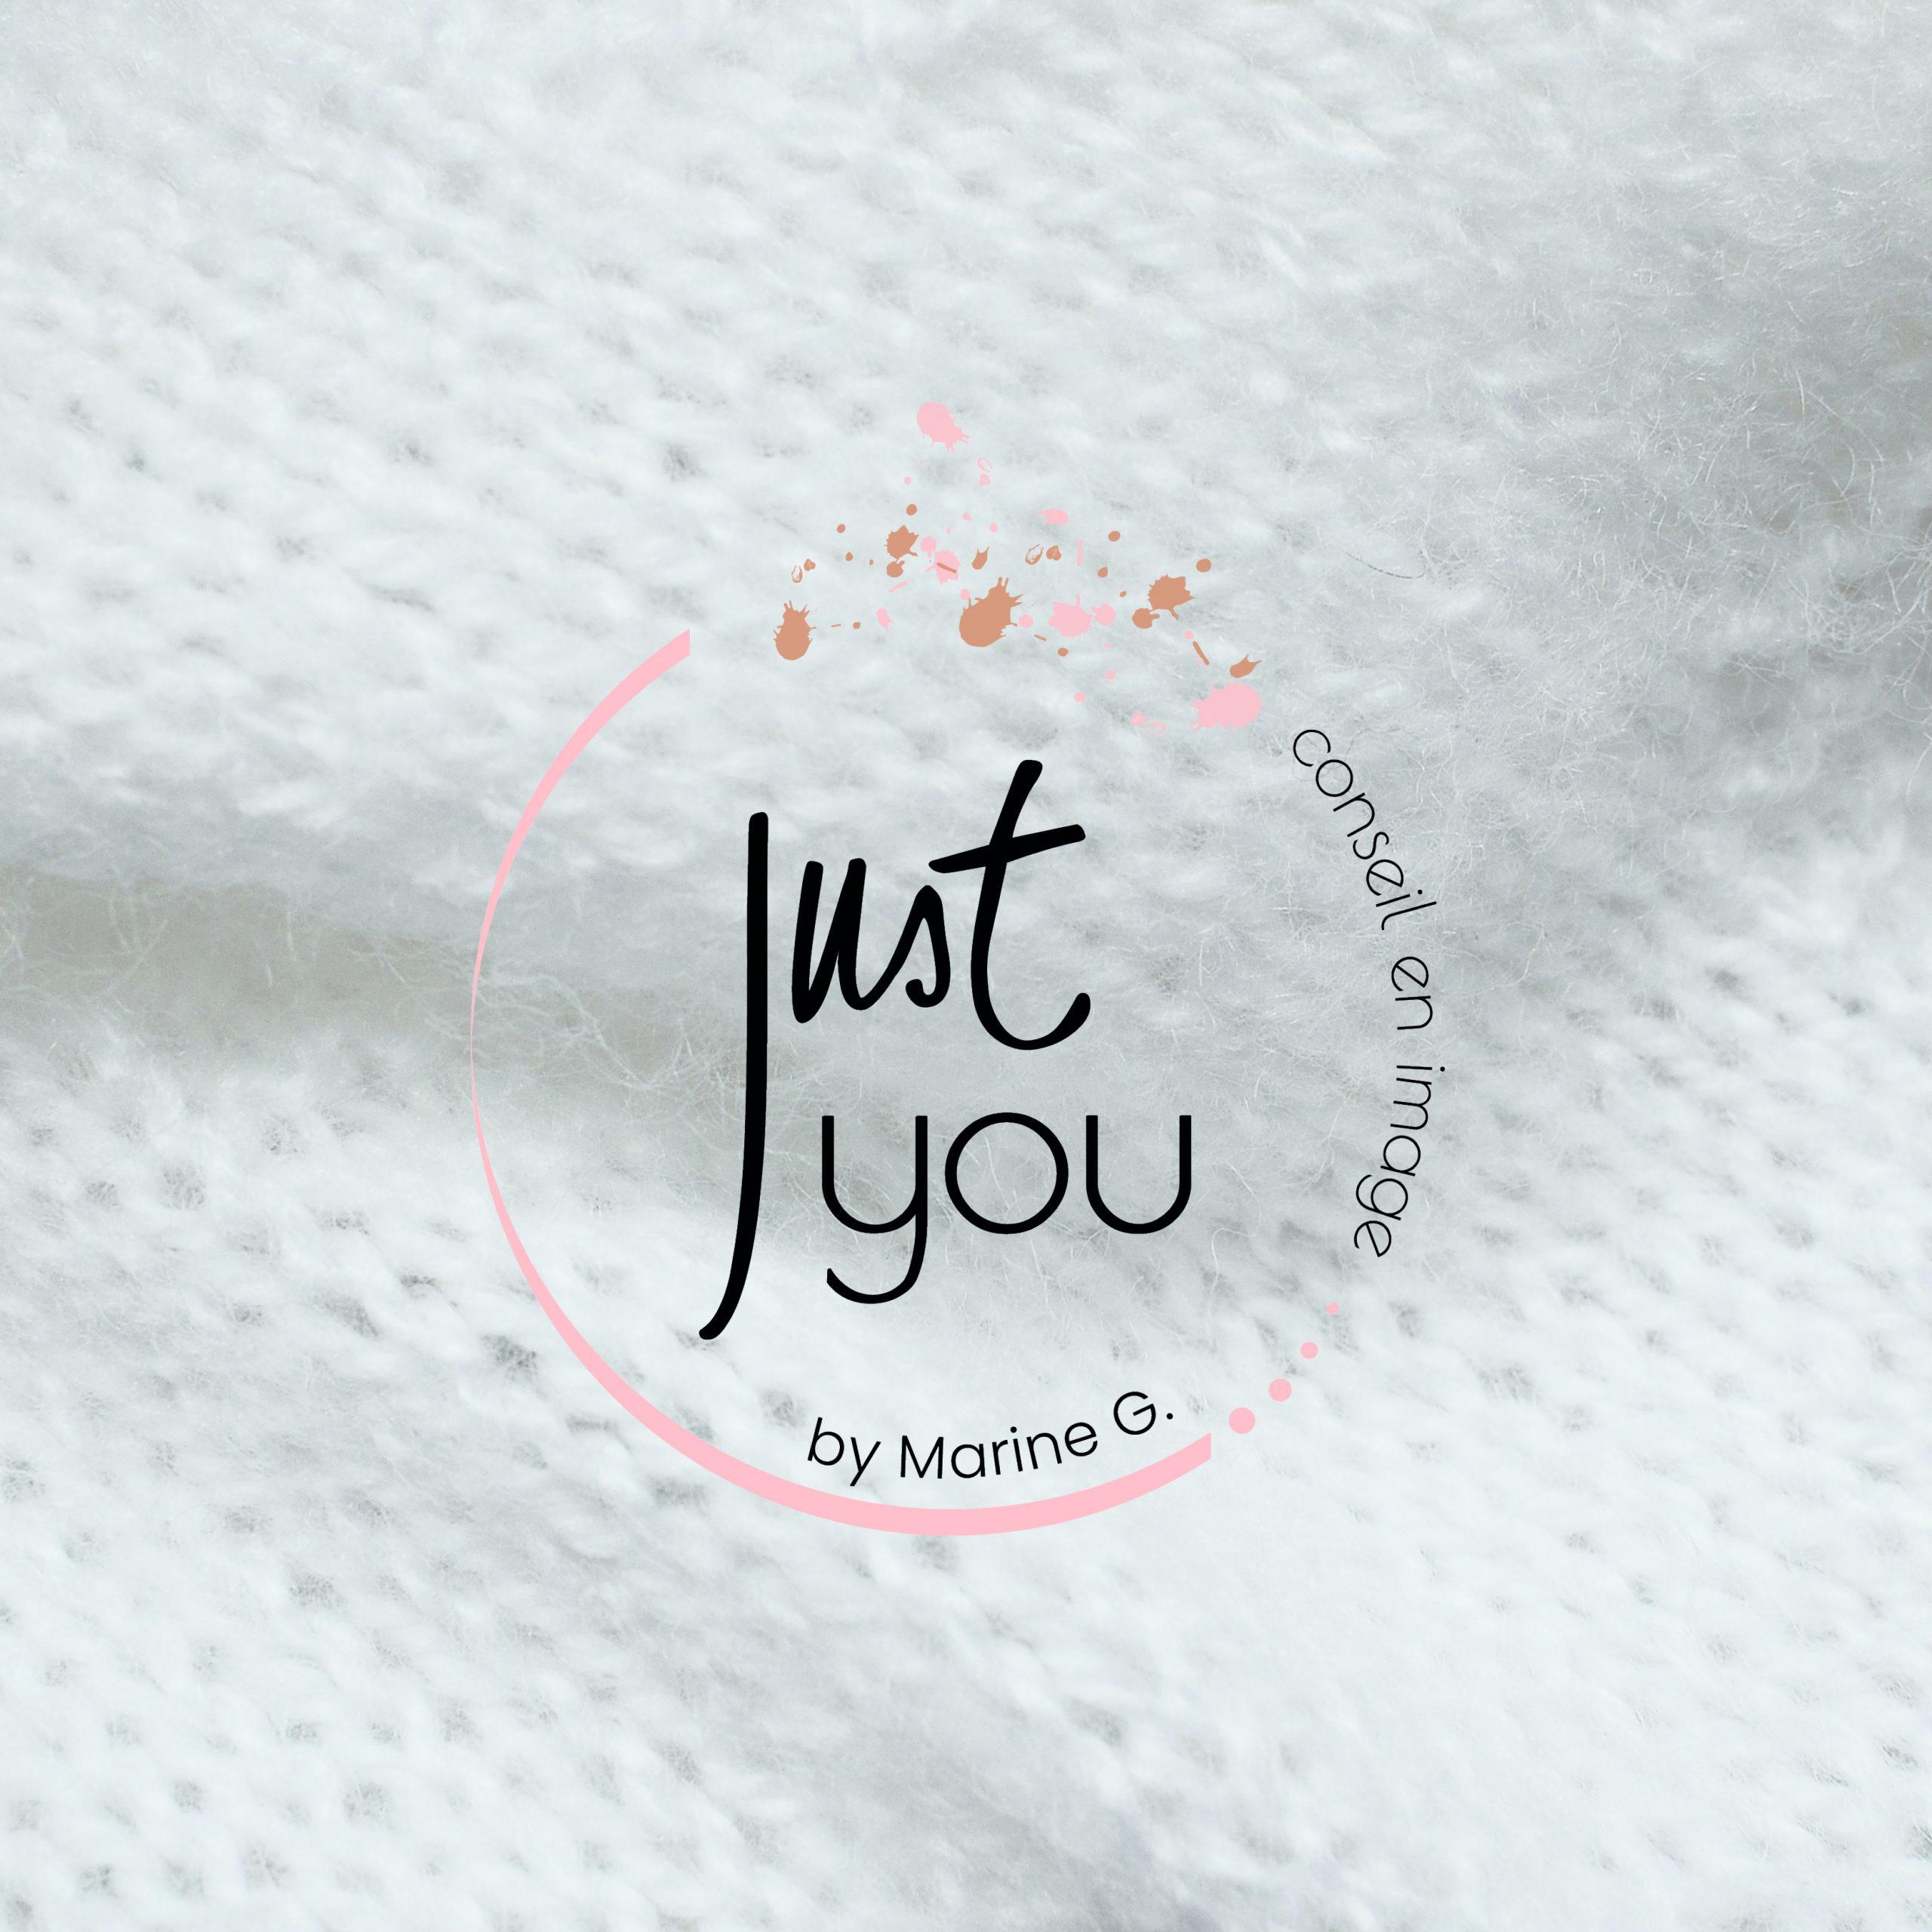 Le studio graphique citron sorbet réalise le logo de Just You by Marine G.